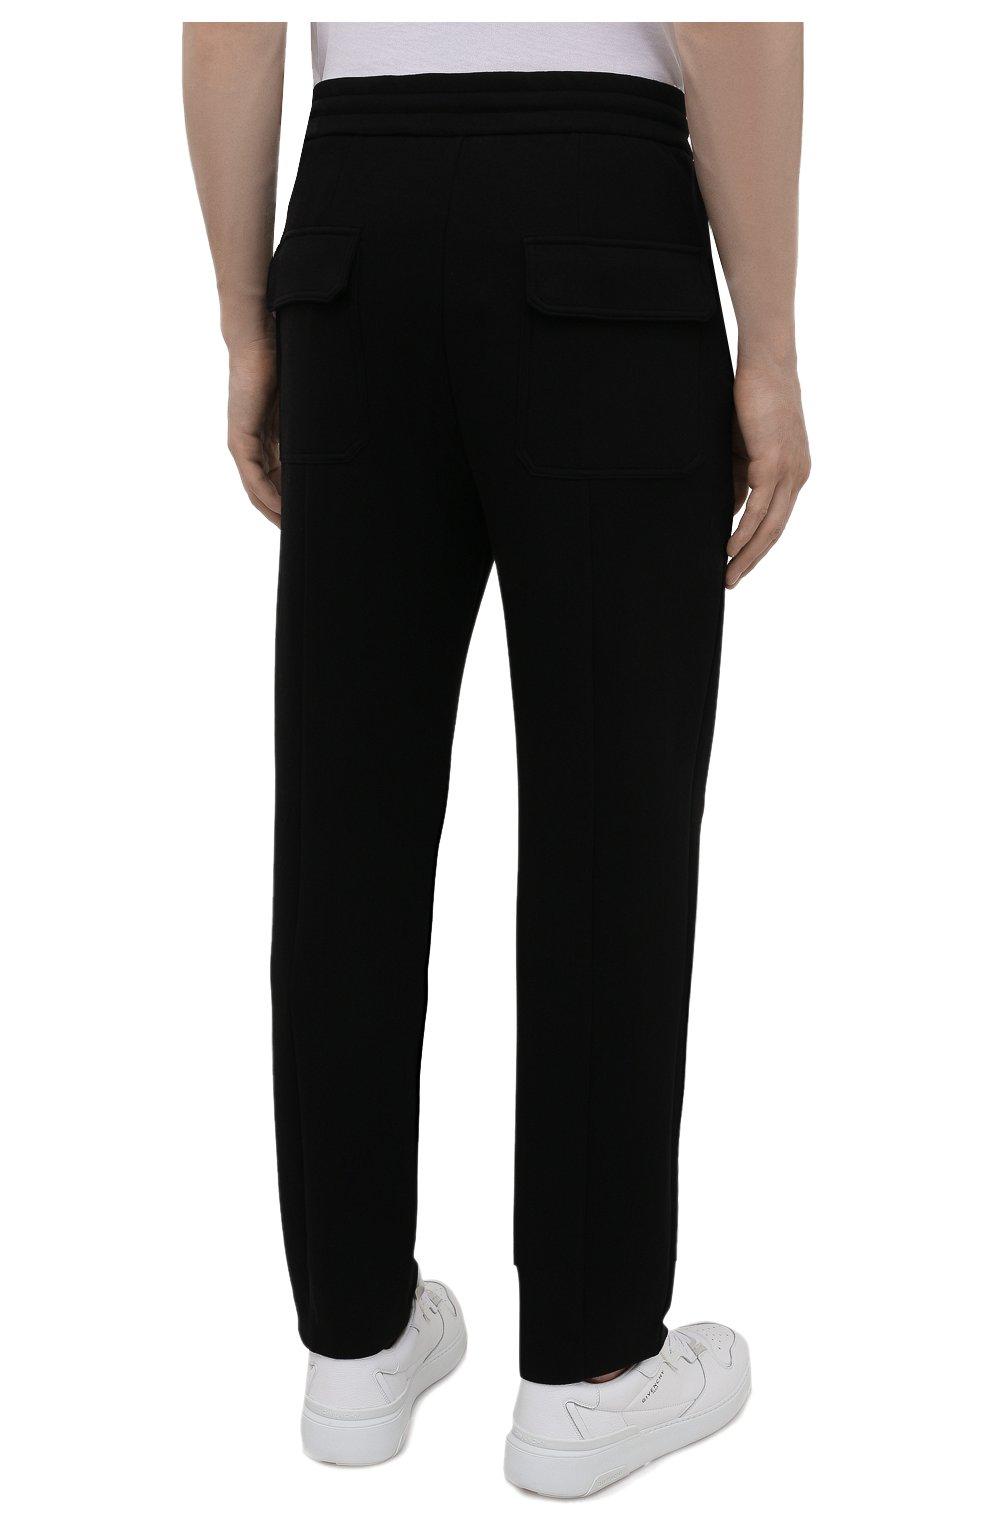 Мужские хлопковые брюки EMPORIO ARMANI черного цвета, арт. 6K1P67/1JHSZ | Фото 4 (Мужское Кросс-КТ: Брюки-трикотаж; Длина (брюки, джинсы): Стандартные; Кросс-КТ: Спорт; Материал внешний: Хлопок; Стили: Спорт-шик)